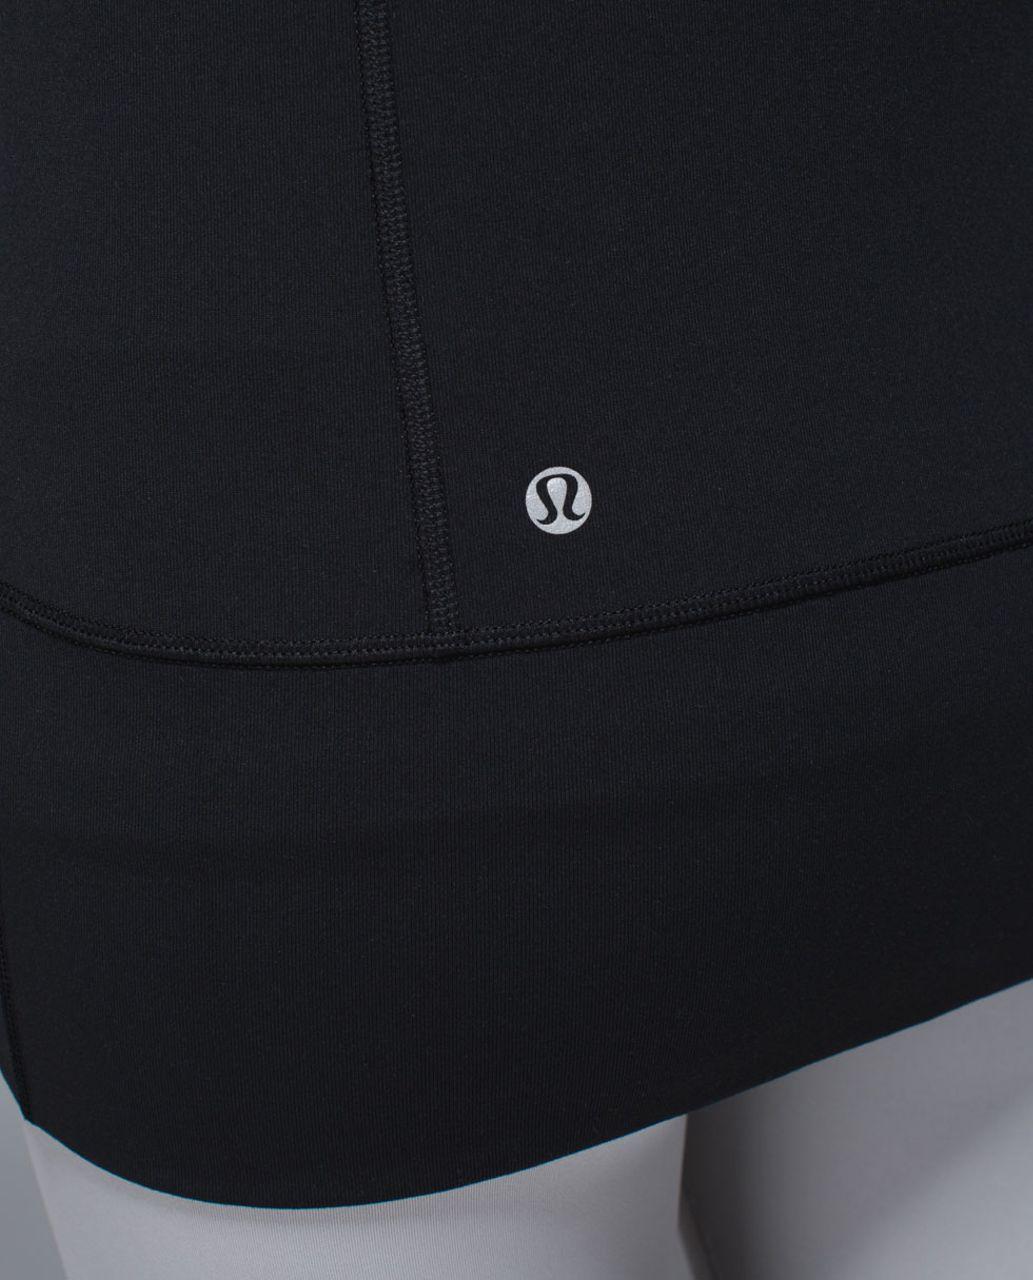 Lululemon Stride Jacket II - Black